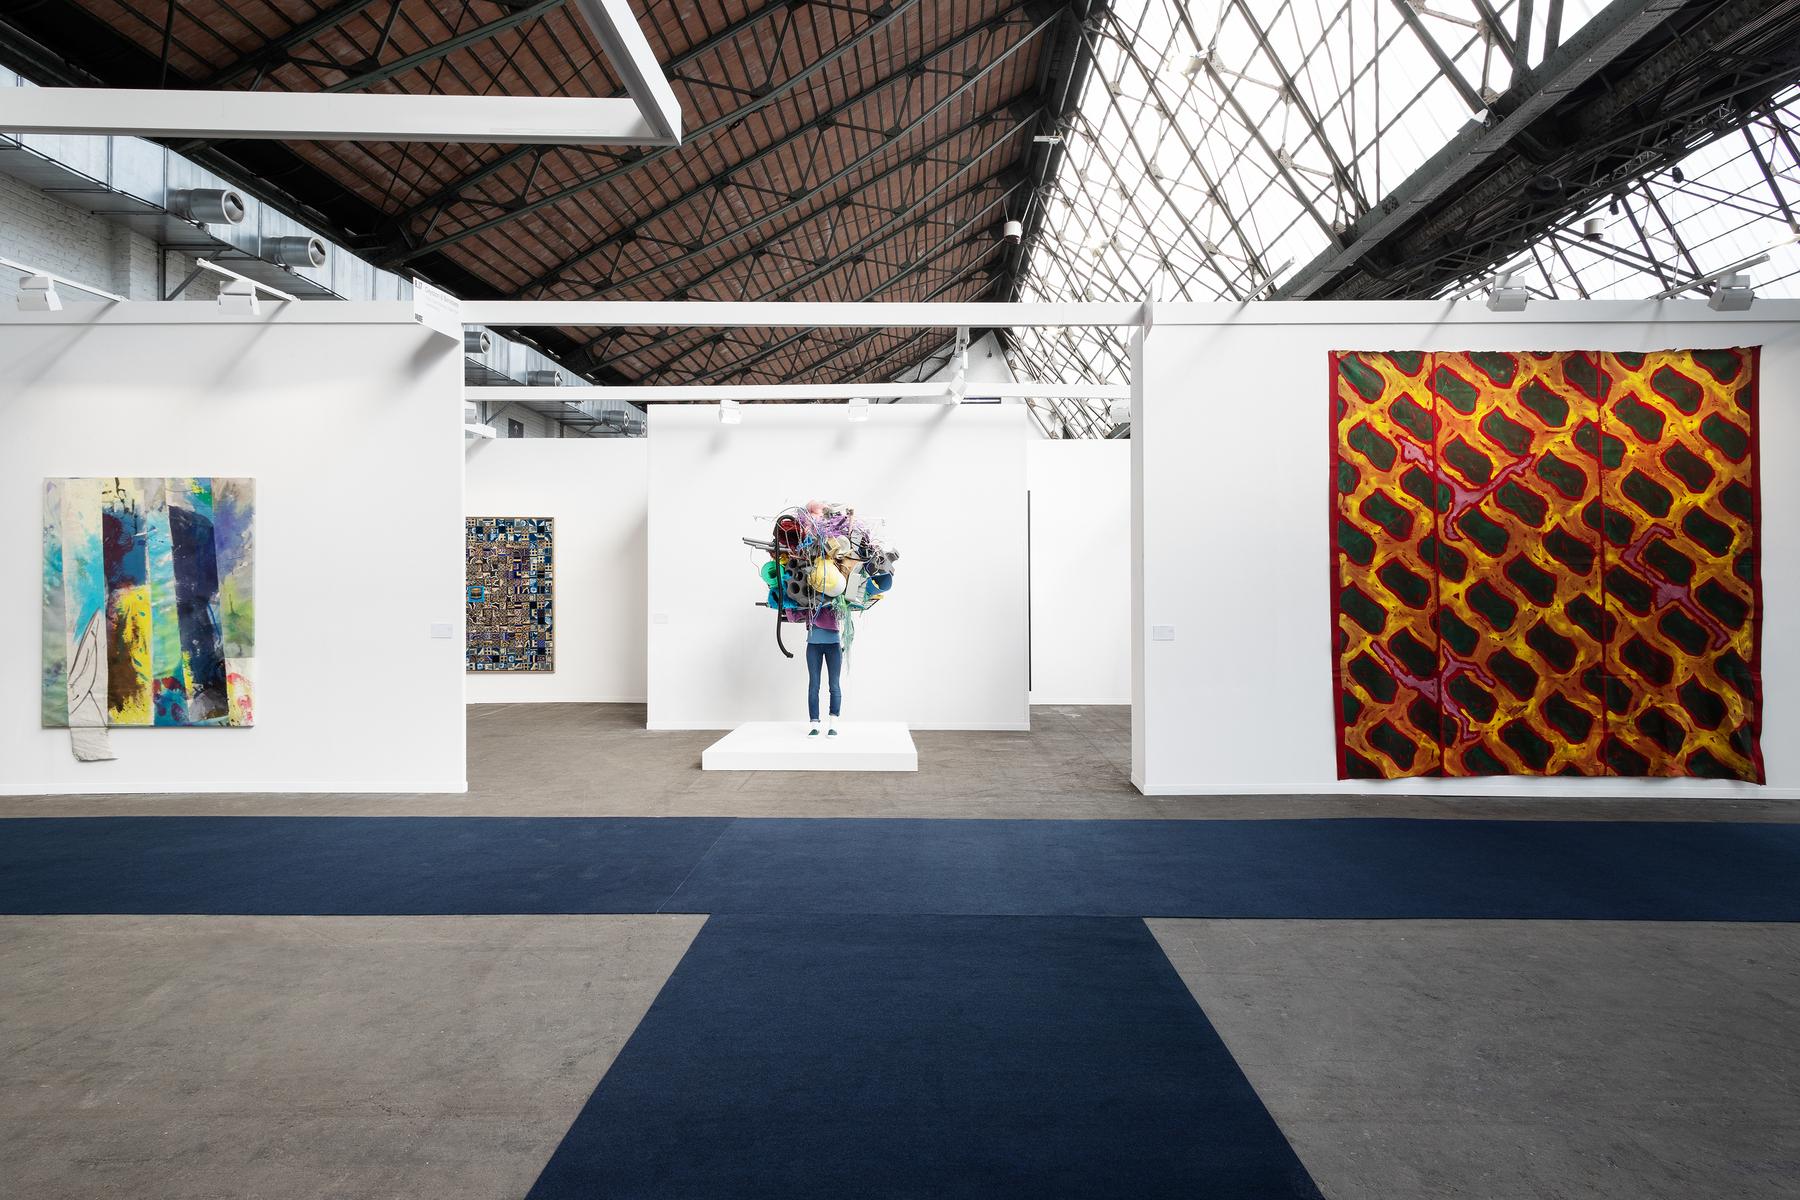 1_Art Brussels 2018 2018 64